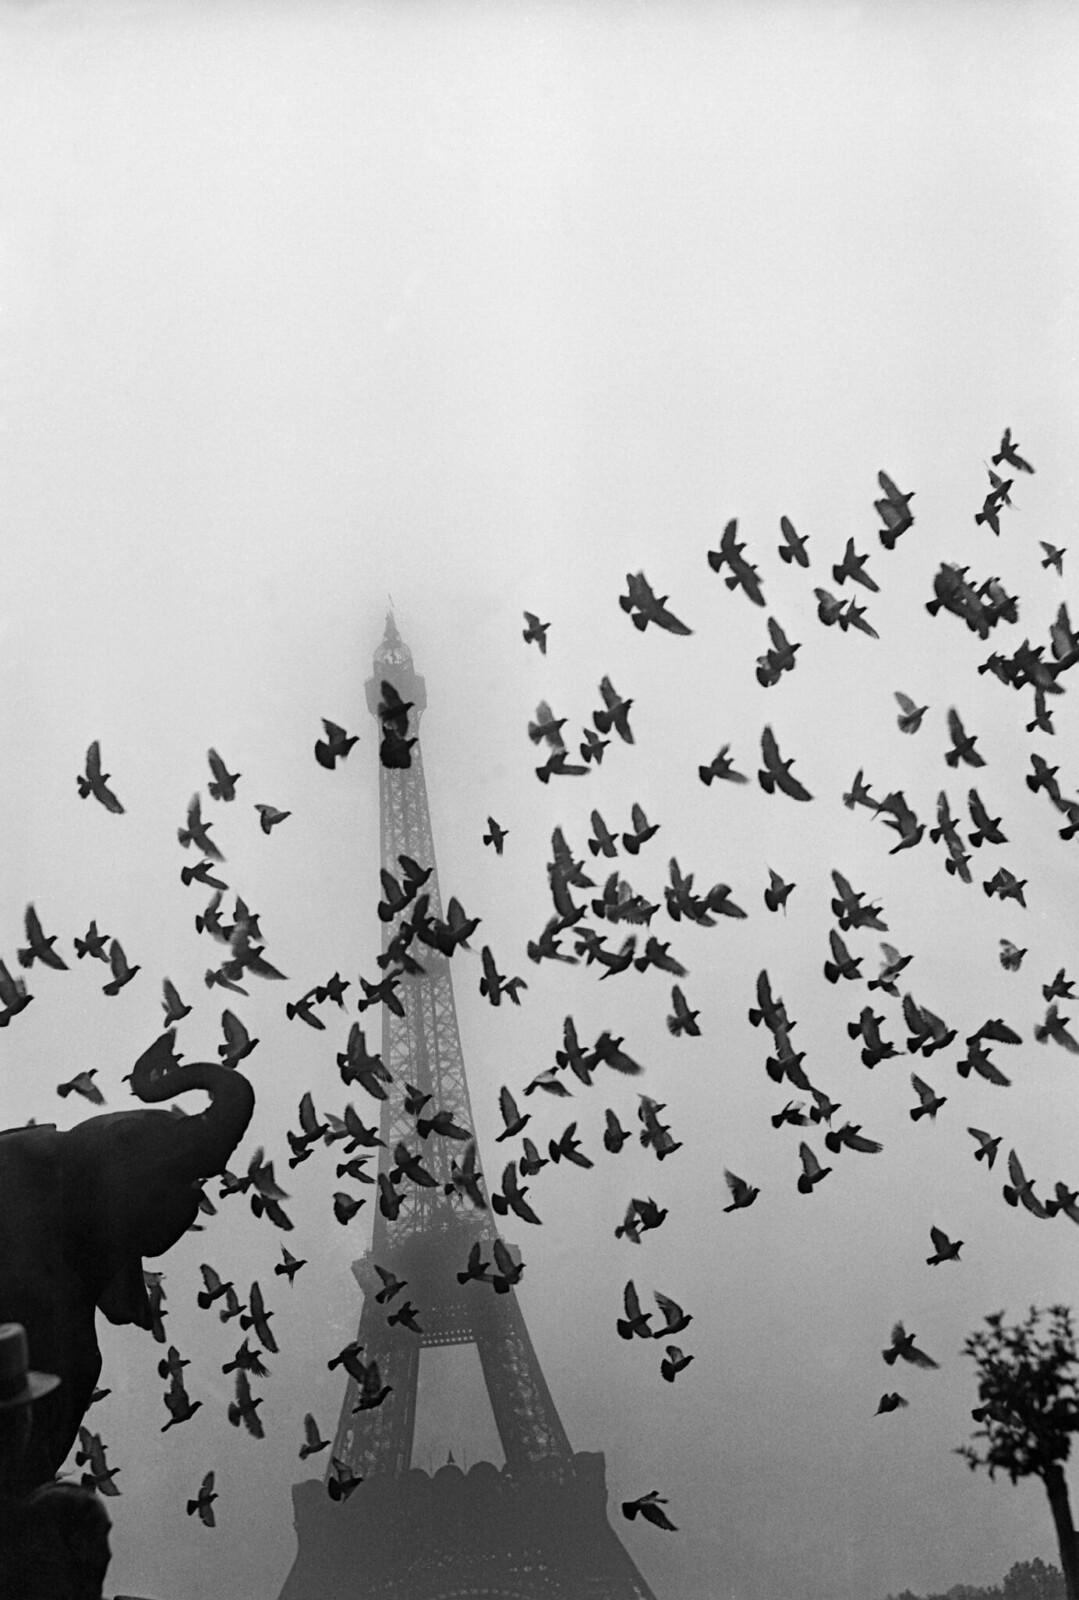 08. 1939. Полет голубей перед Эйфелевой башней, окутанный туманом